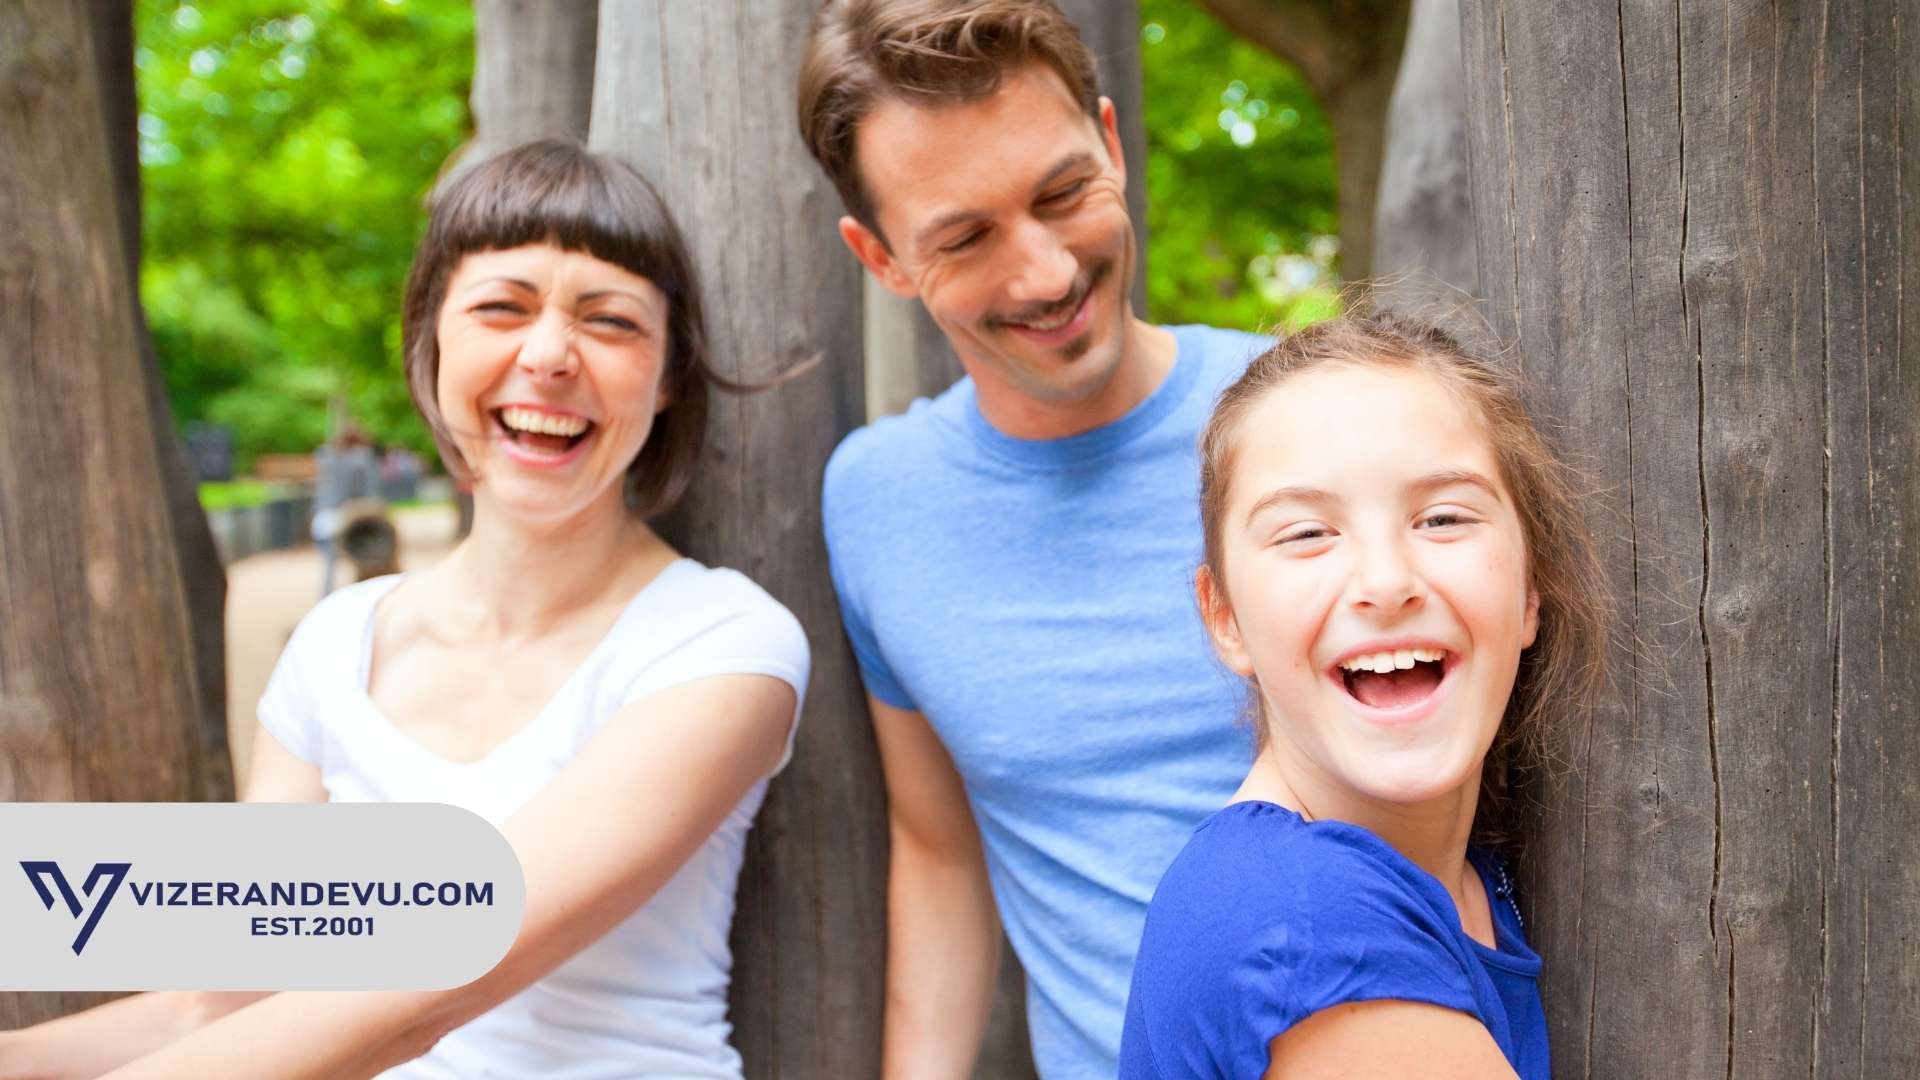 Aile Birleşim Vizesinin Prosedürleri